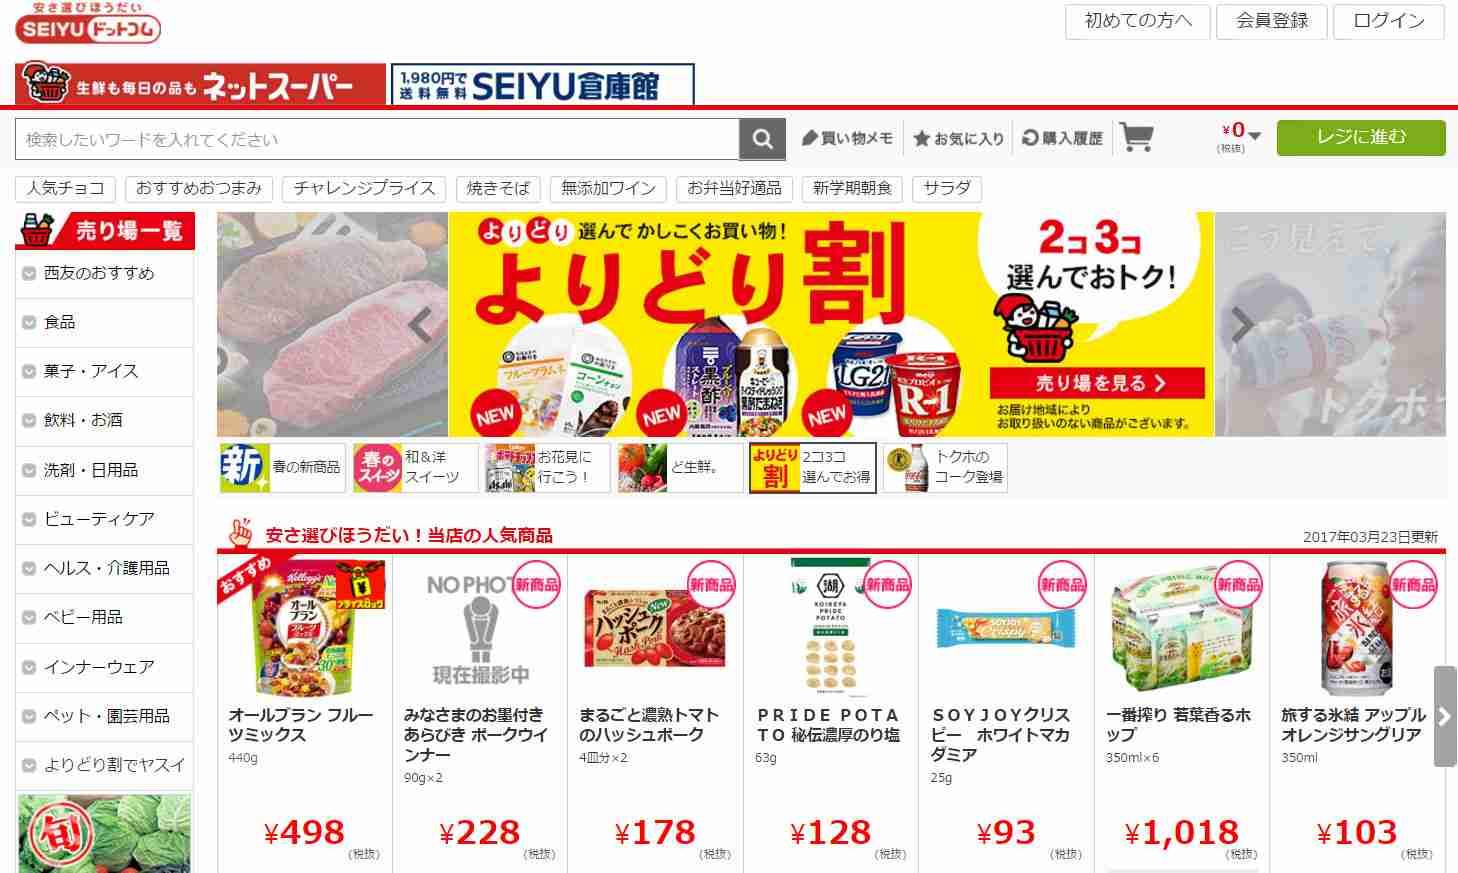 西友のネットスーパー、「再配達は有料」を徹底 400円加算 - ITmedia NEWS